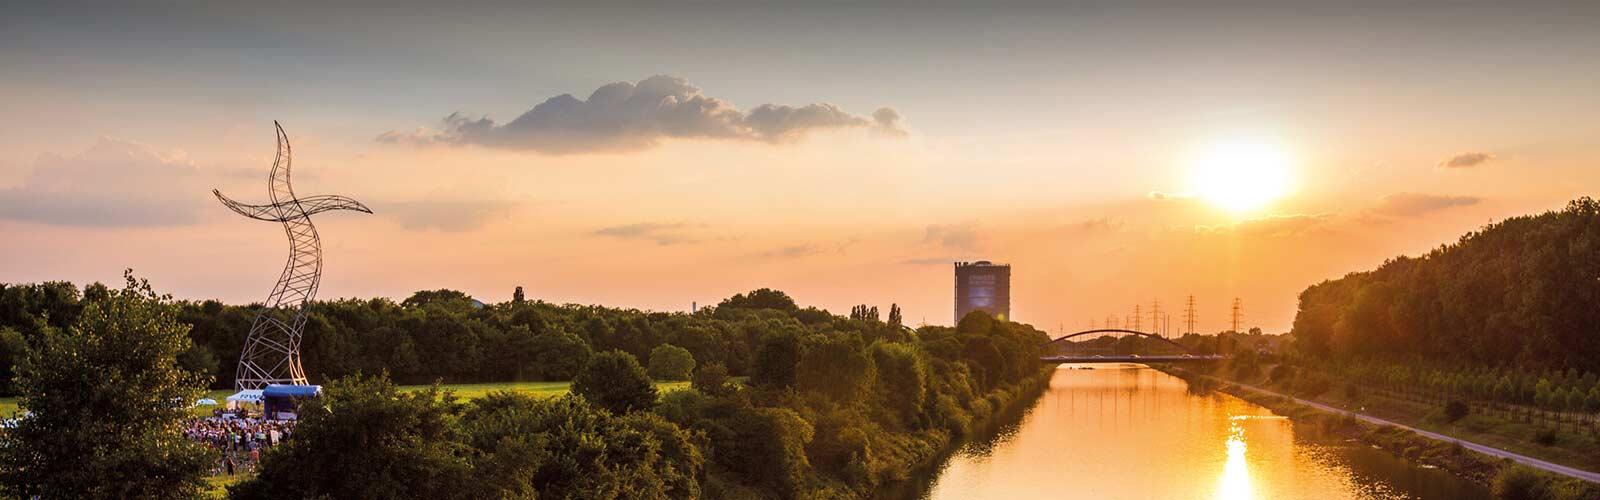 Blick auf den Rhein-Herne-Kanal mit Gasometer und Zauberlehrling